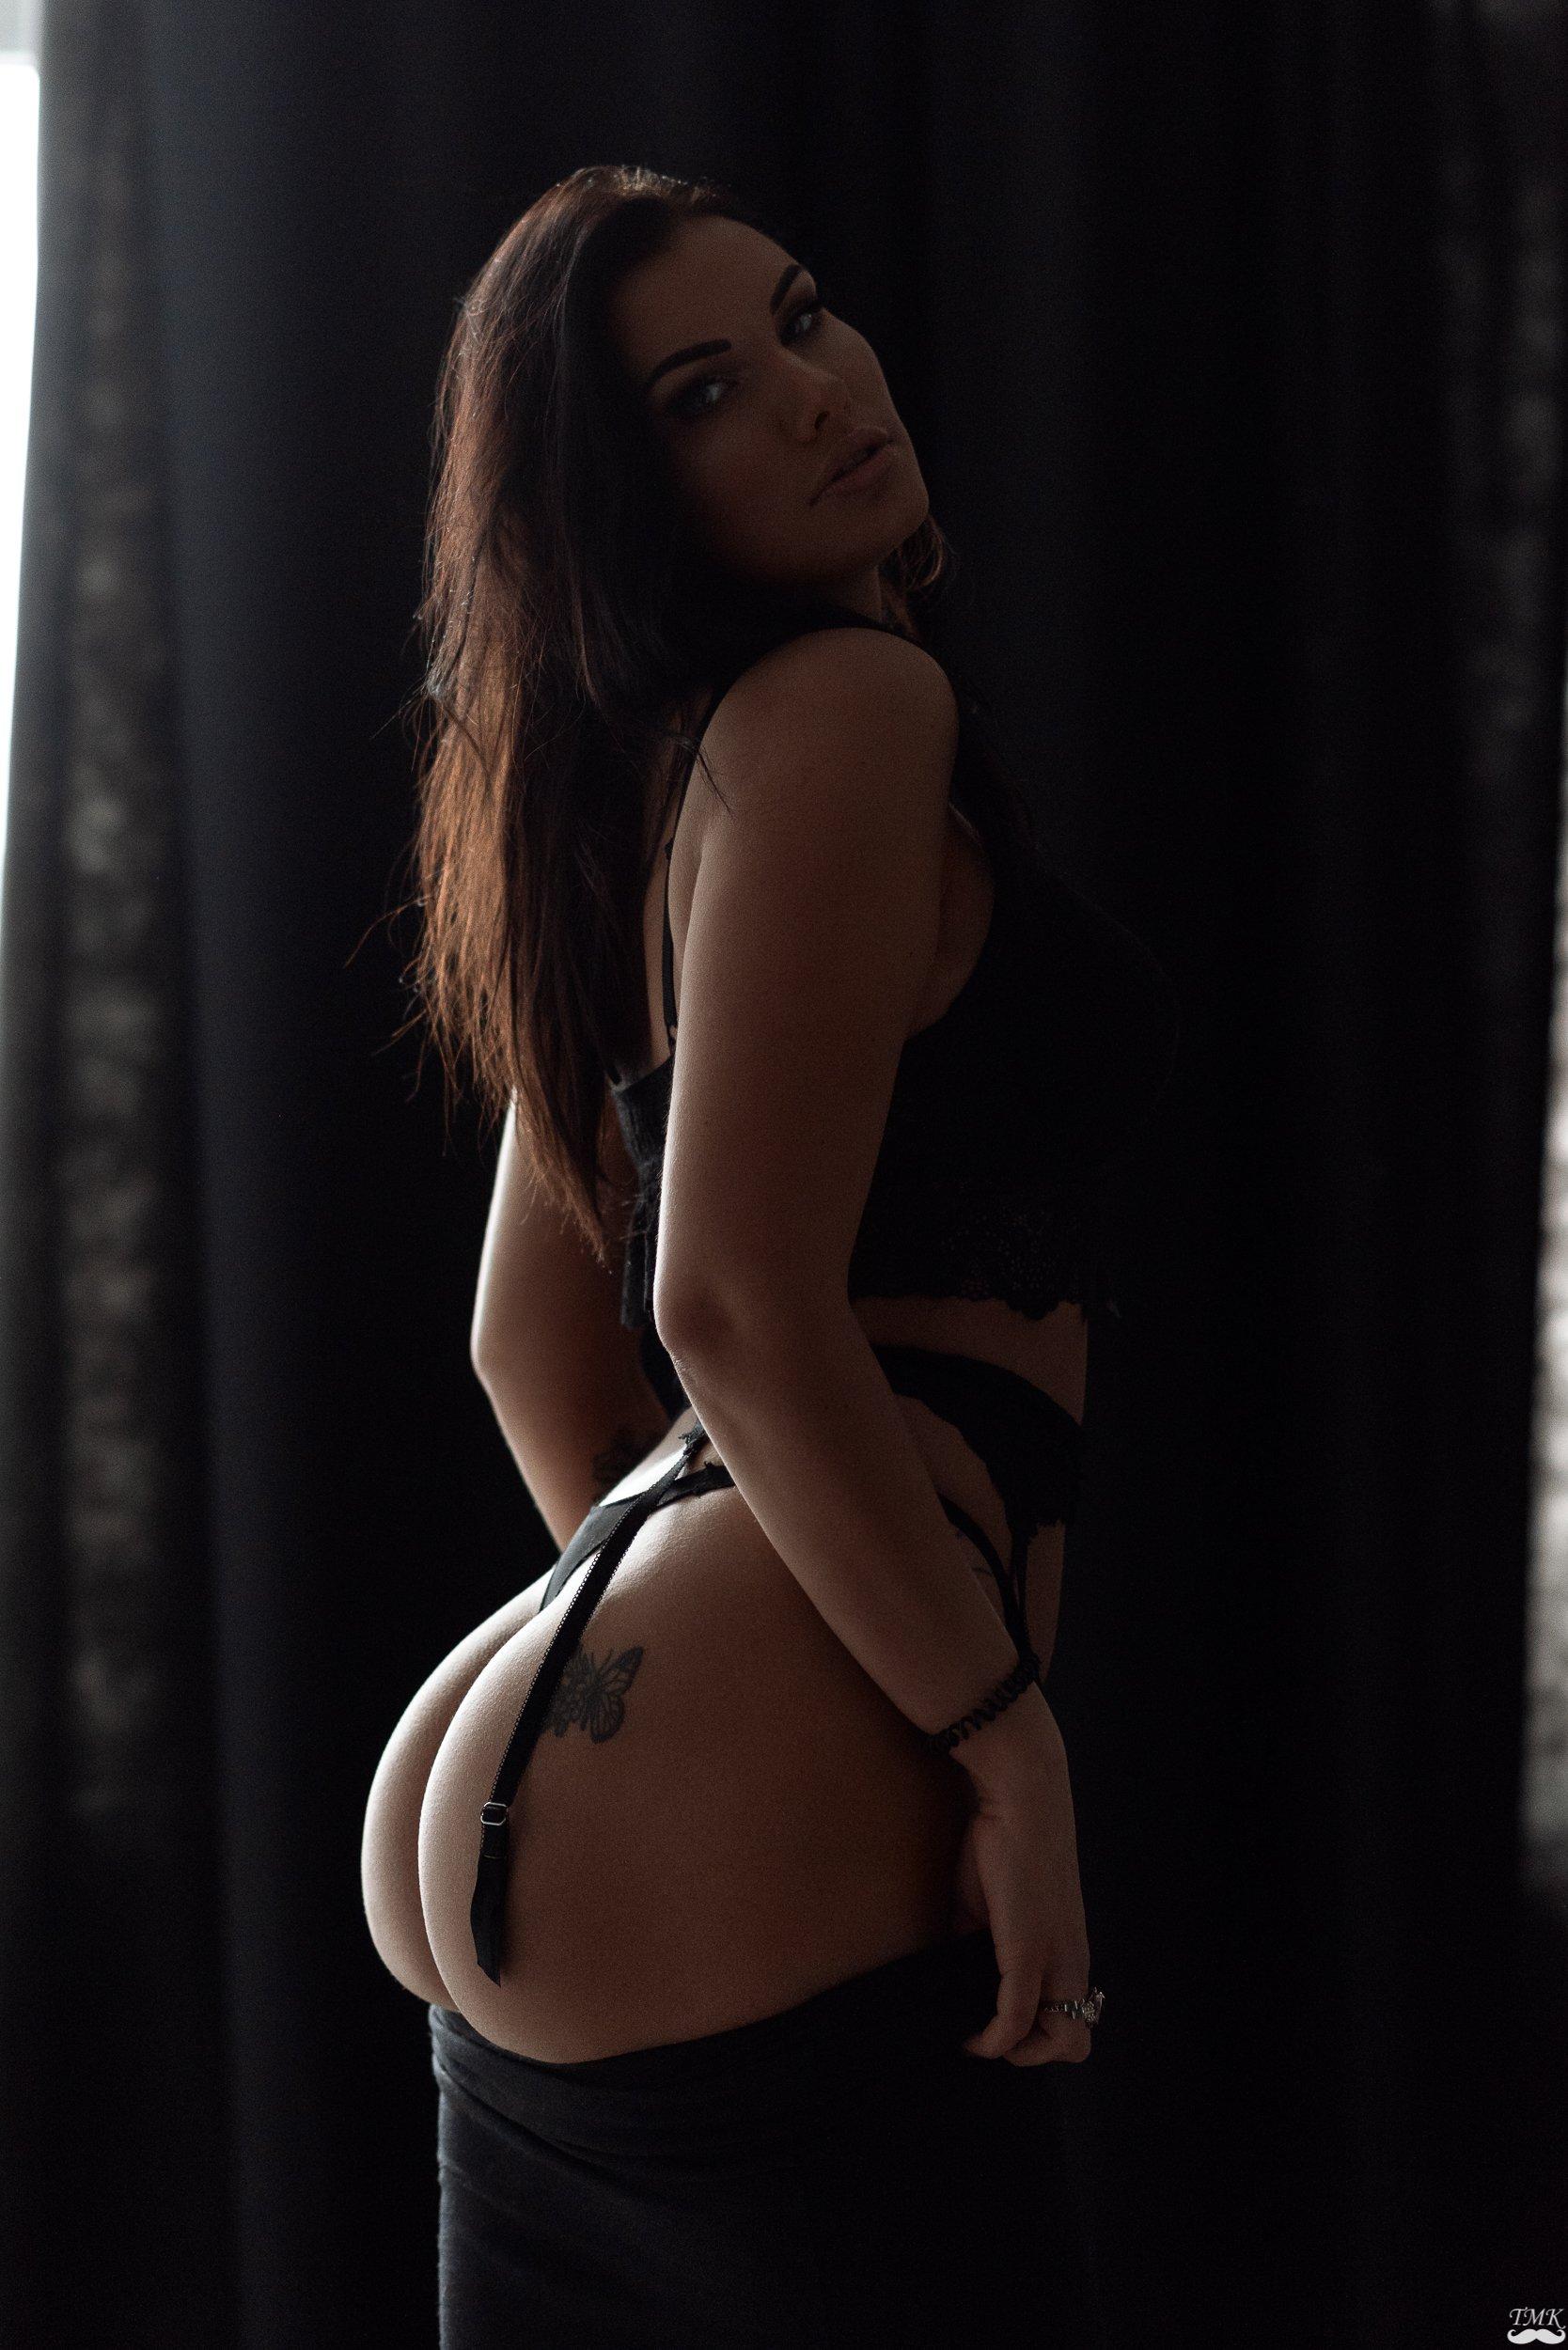 people, butt, ass, curvy, sexy, sensual, natural light, mood, brunette, portrait, underwear, lingerie, girl, Tomas Masoit